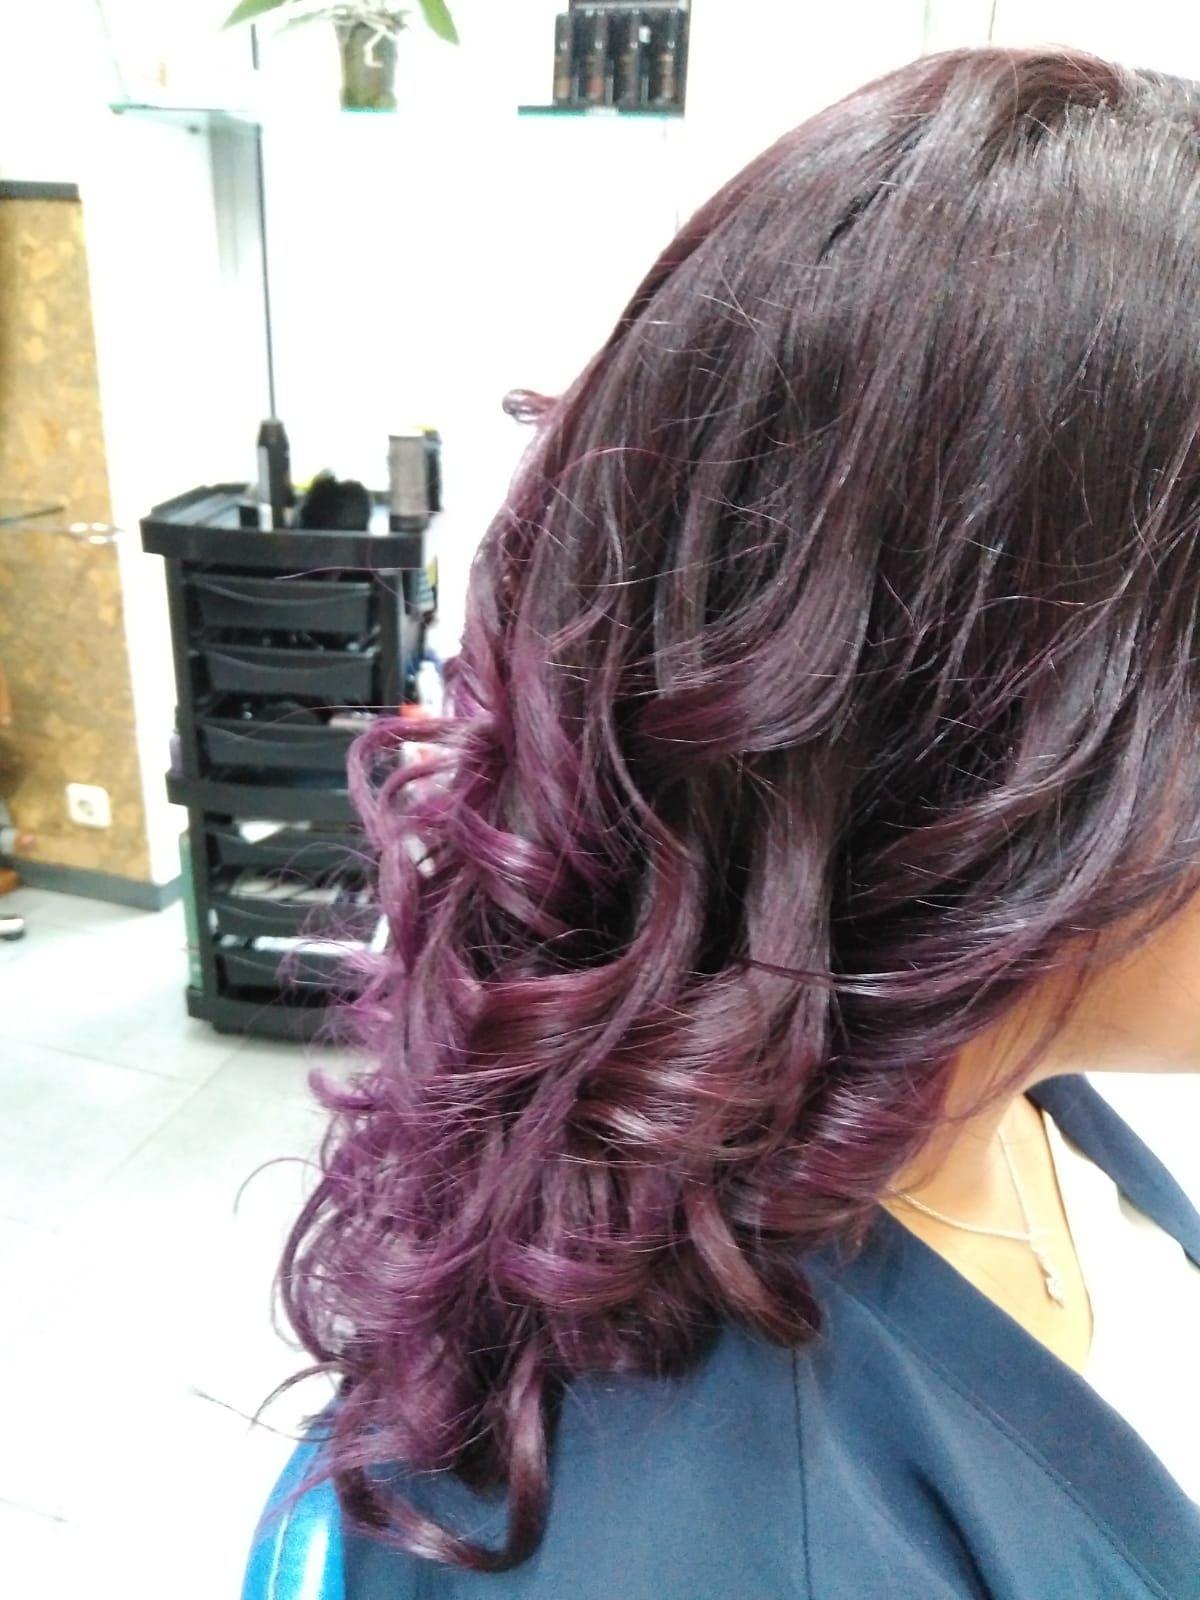 Servicio de color en peluquería en Vitoria